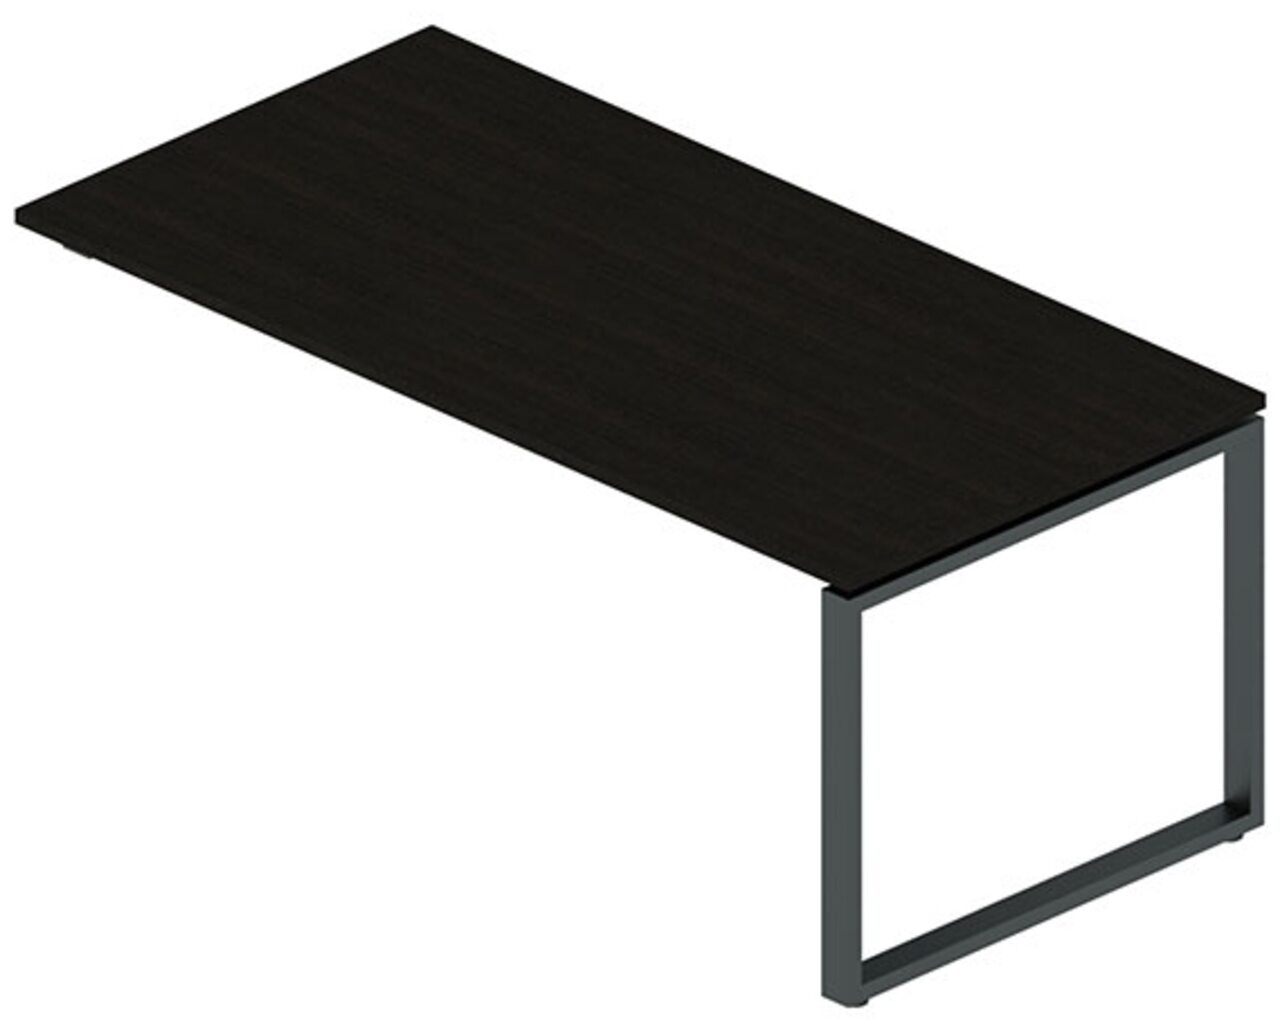 Стол с укороченной опорой под тумбу  Rio Direct 180x90x75 - фото 1